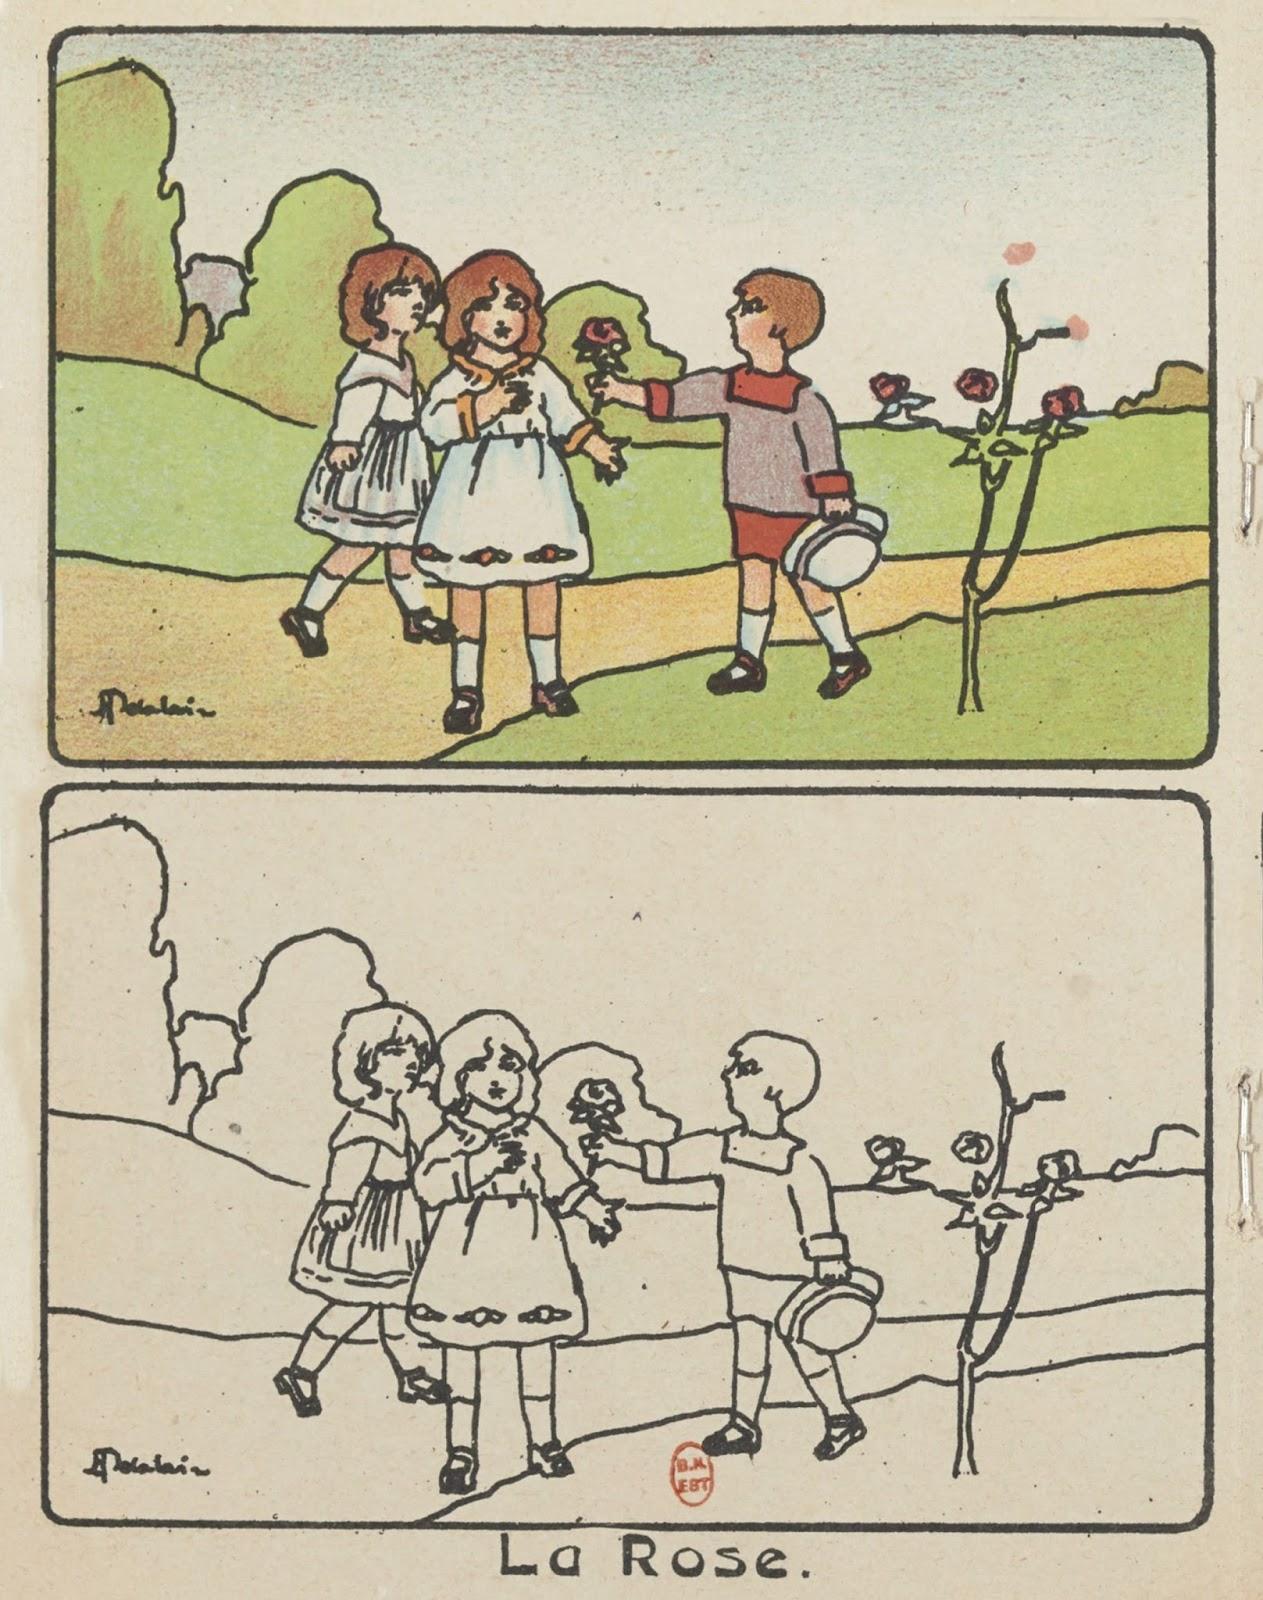 Mon enfance album  colorier par Henriette Delalain 1928 © Gallica